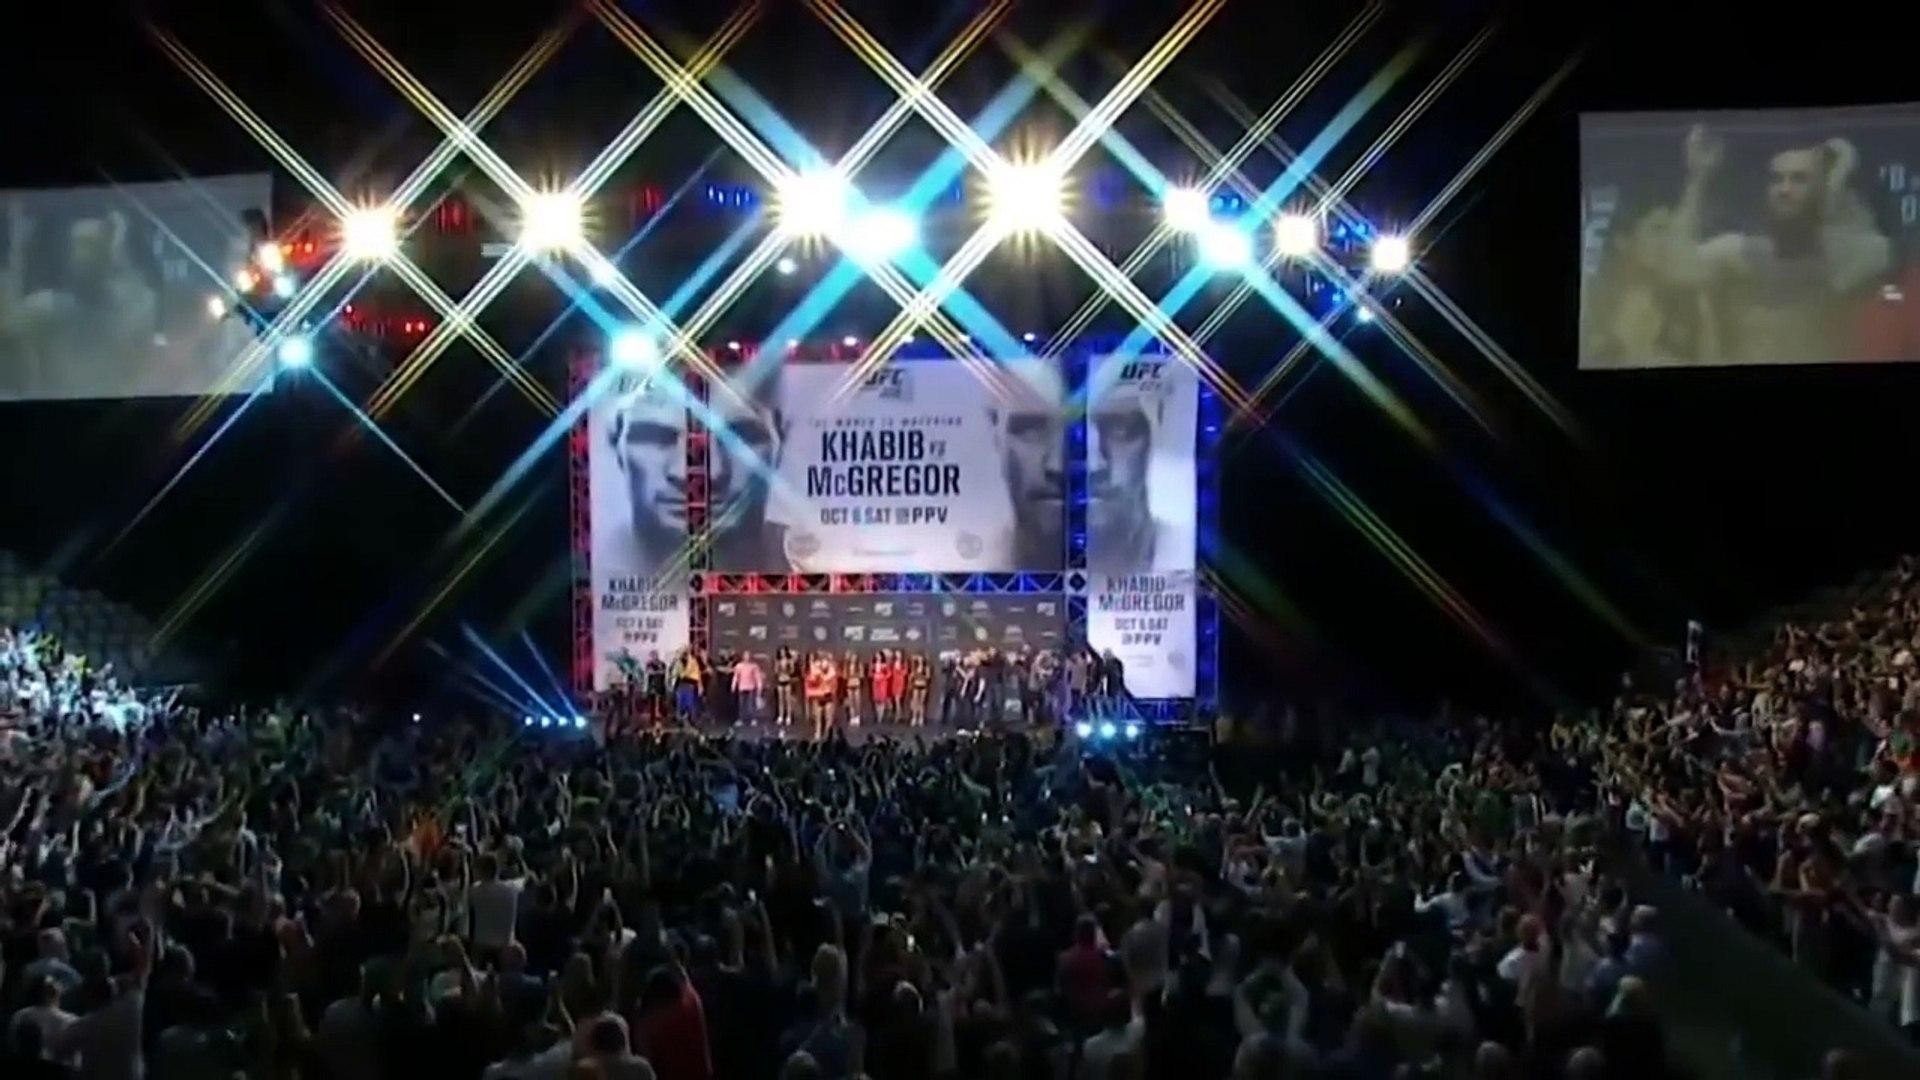 Хабиб Нурмагомедов vs. Конор МакГрегор - ПРЯМАЯ ТРАНСЛЯЦИЯ! - Где смотреть UFC 229!